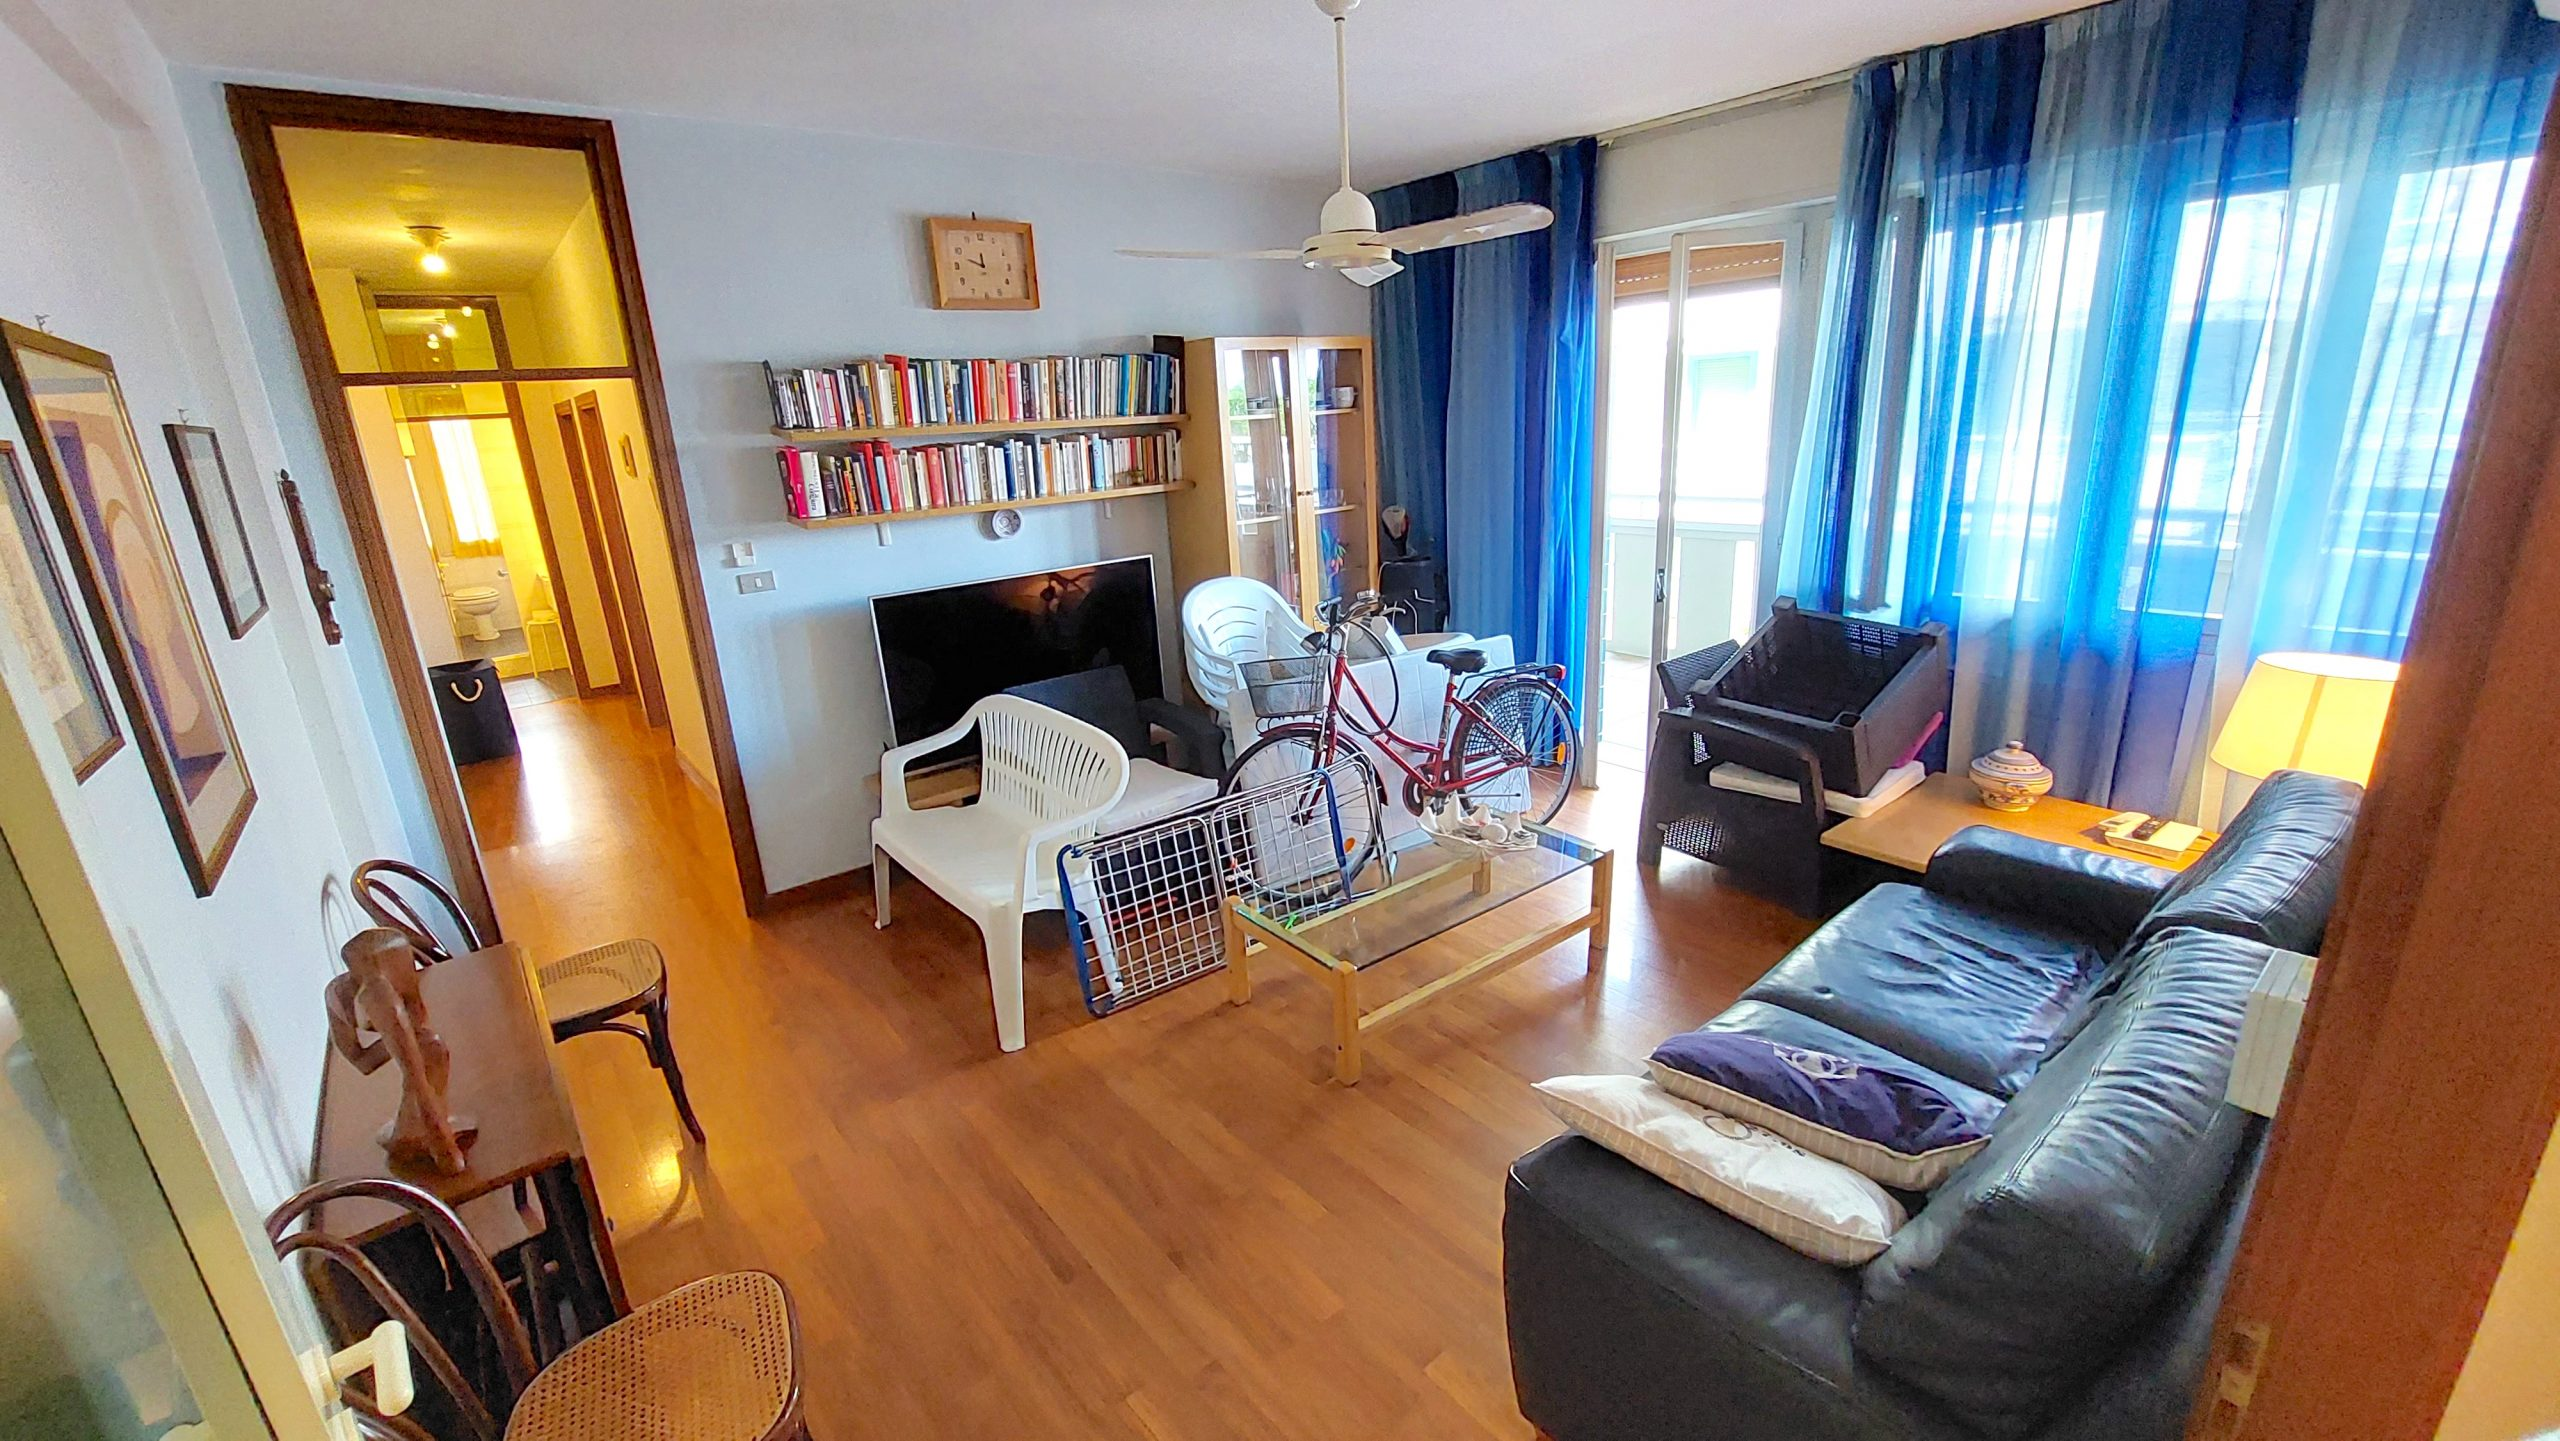 RICCIONE CENTRO/ABISSINIA, Appartamento in vendita frontemare